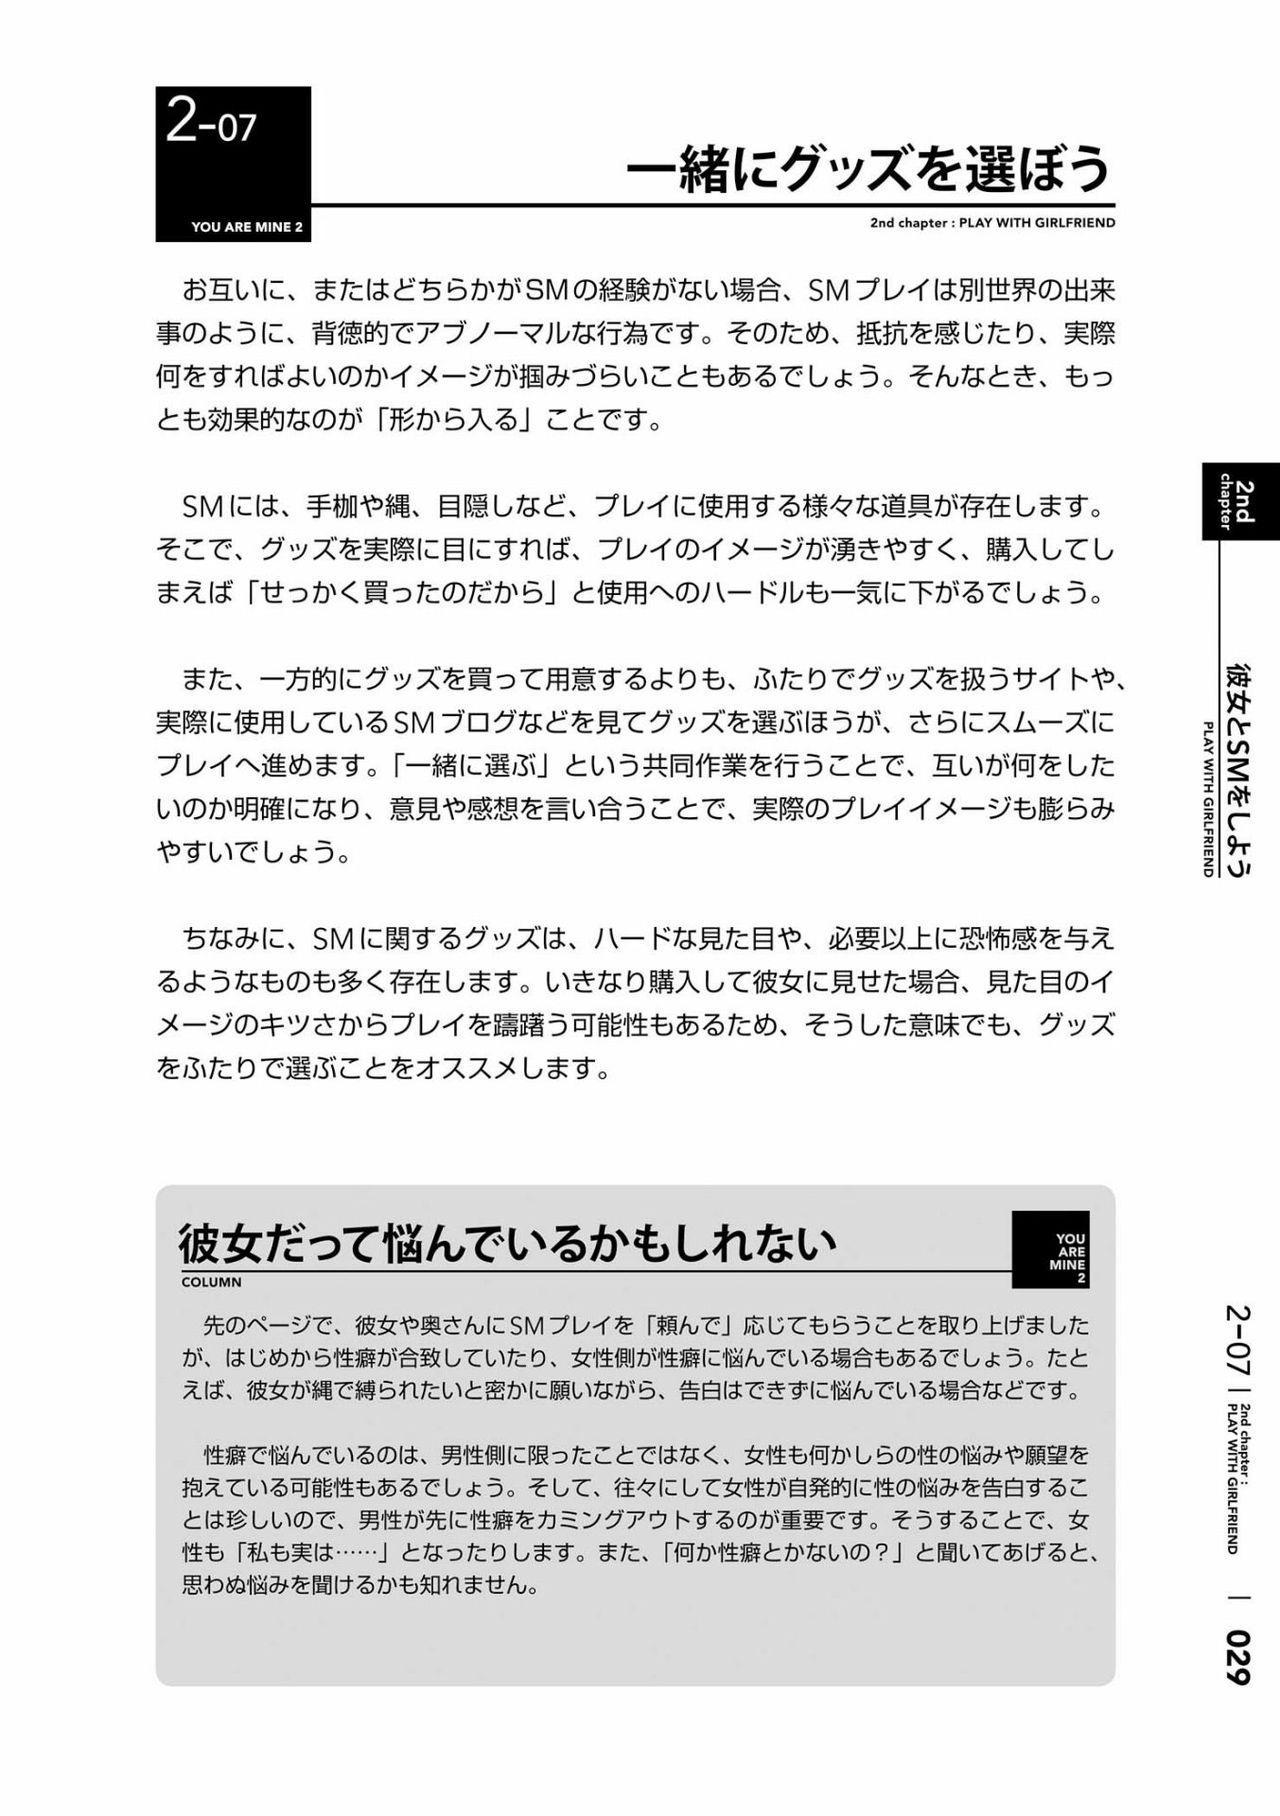 [Mitsuba] Karada mo Kokoro mo Boku no Mono ~Hajimete no SM Guide~ 2 [Digital] 31